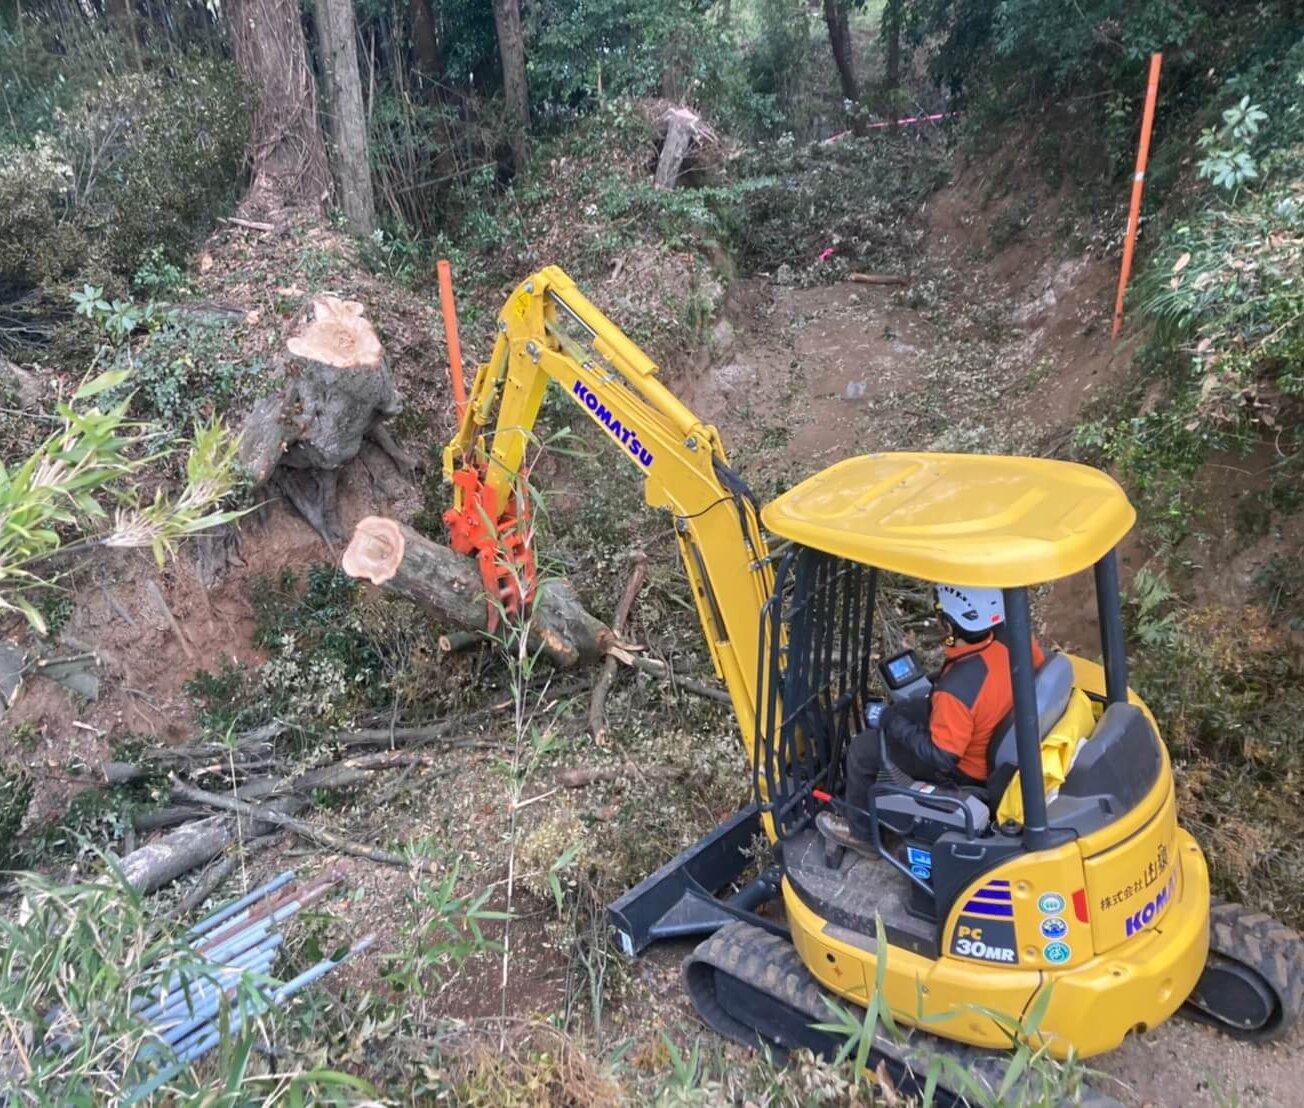 伐倒後は重機にて集材、搬出作業を行い作業は無事完了。